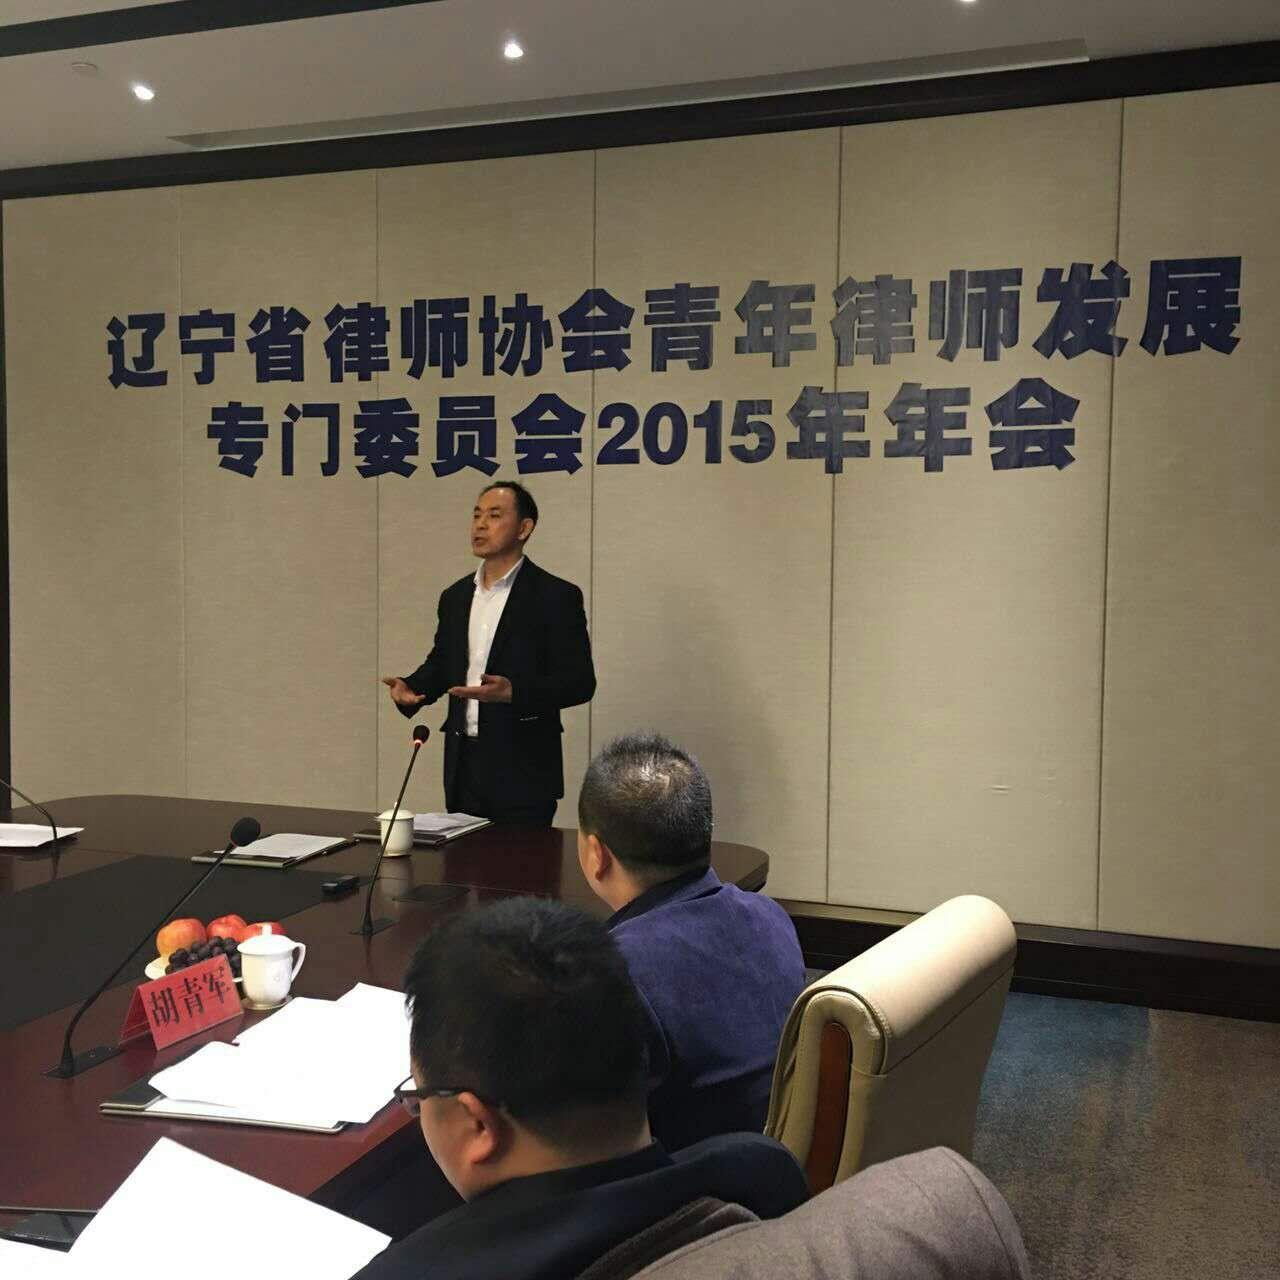 辽宁省律师协会青年律师发展专门委员会2015年年会